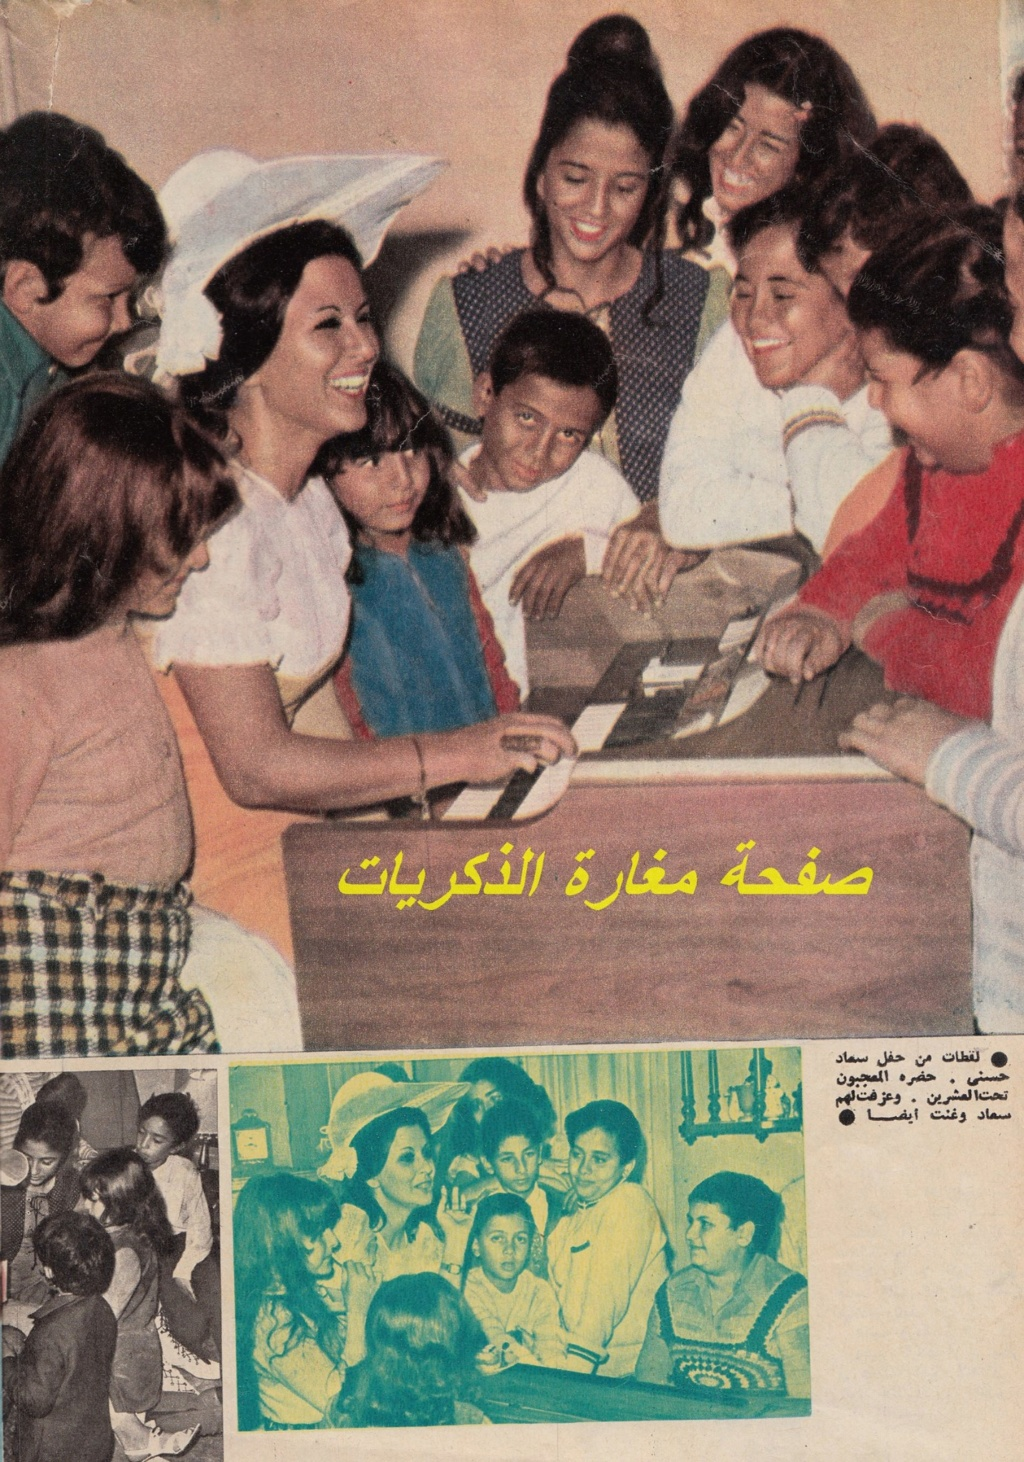 خبر صحفي : سعاد حسني والمعجبون تحت العشرين 1973 م 2276